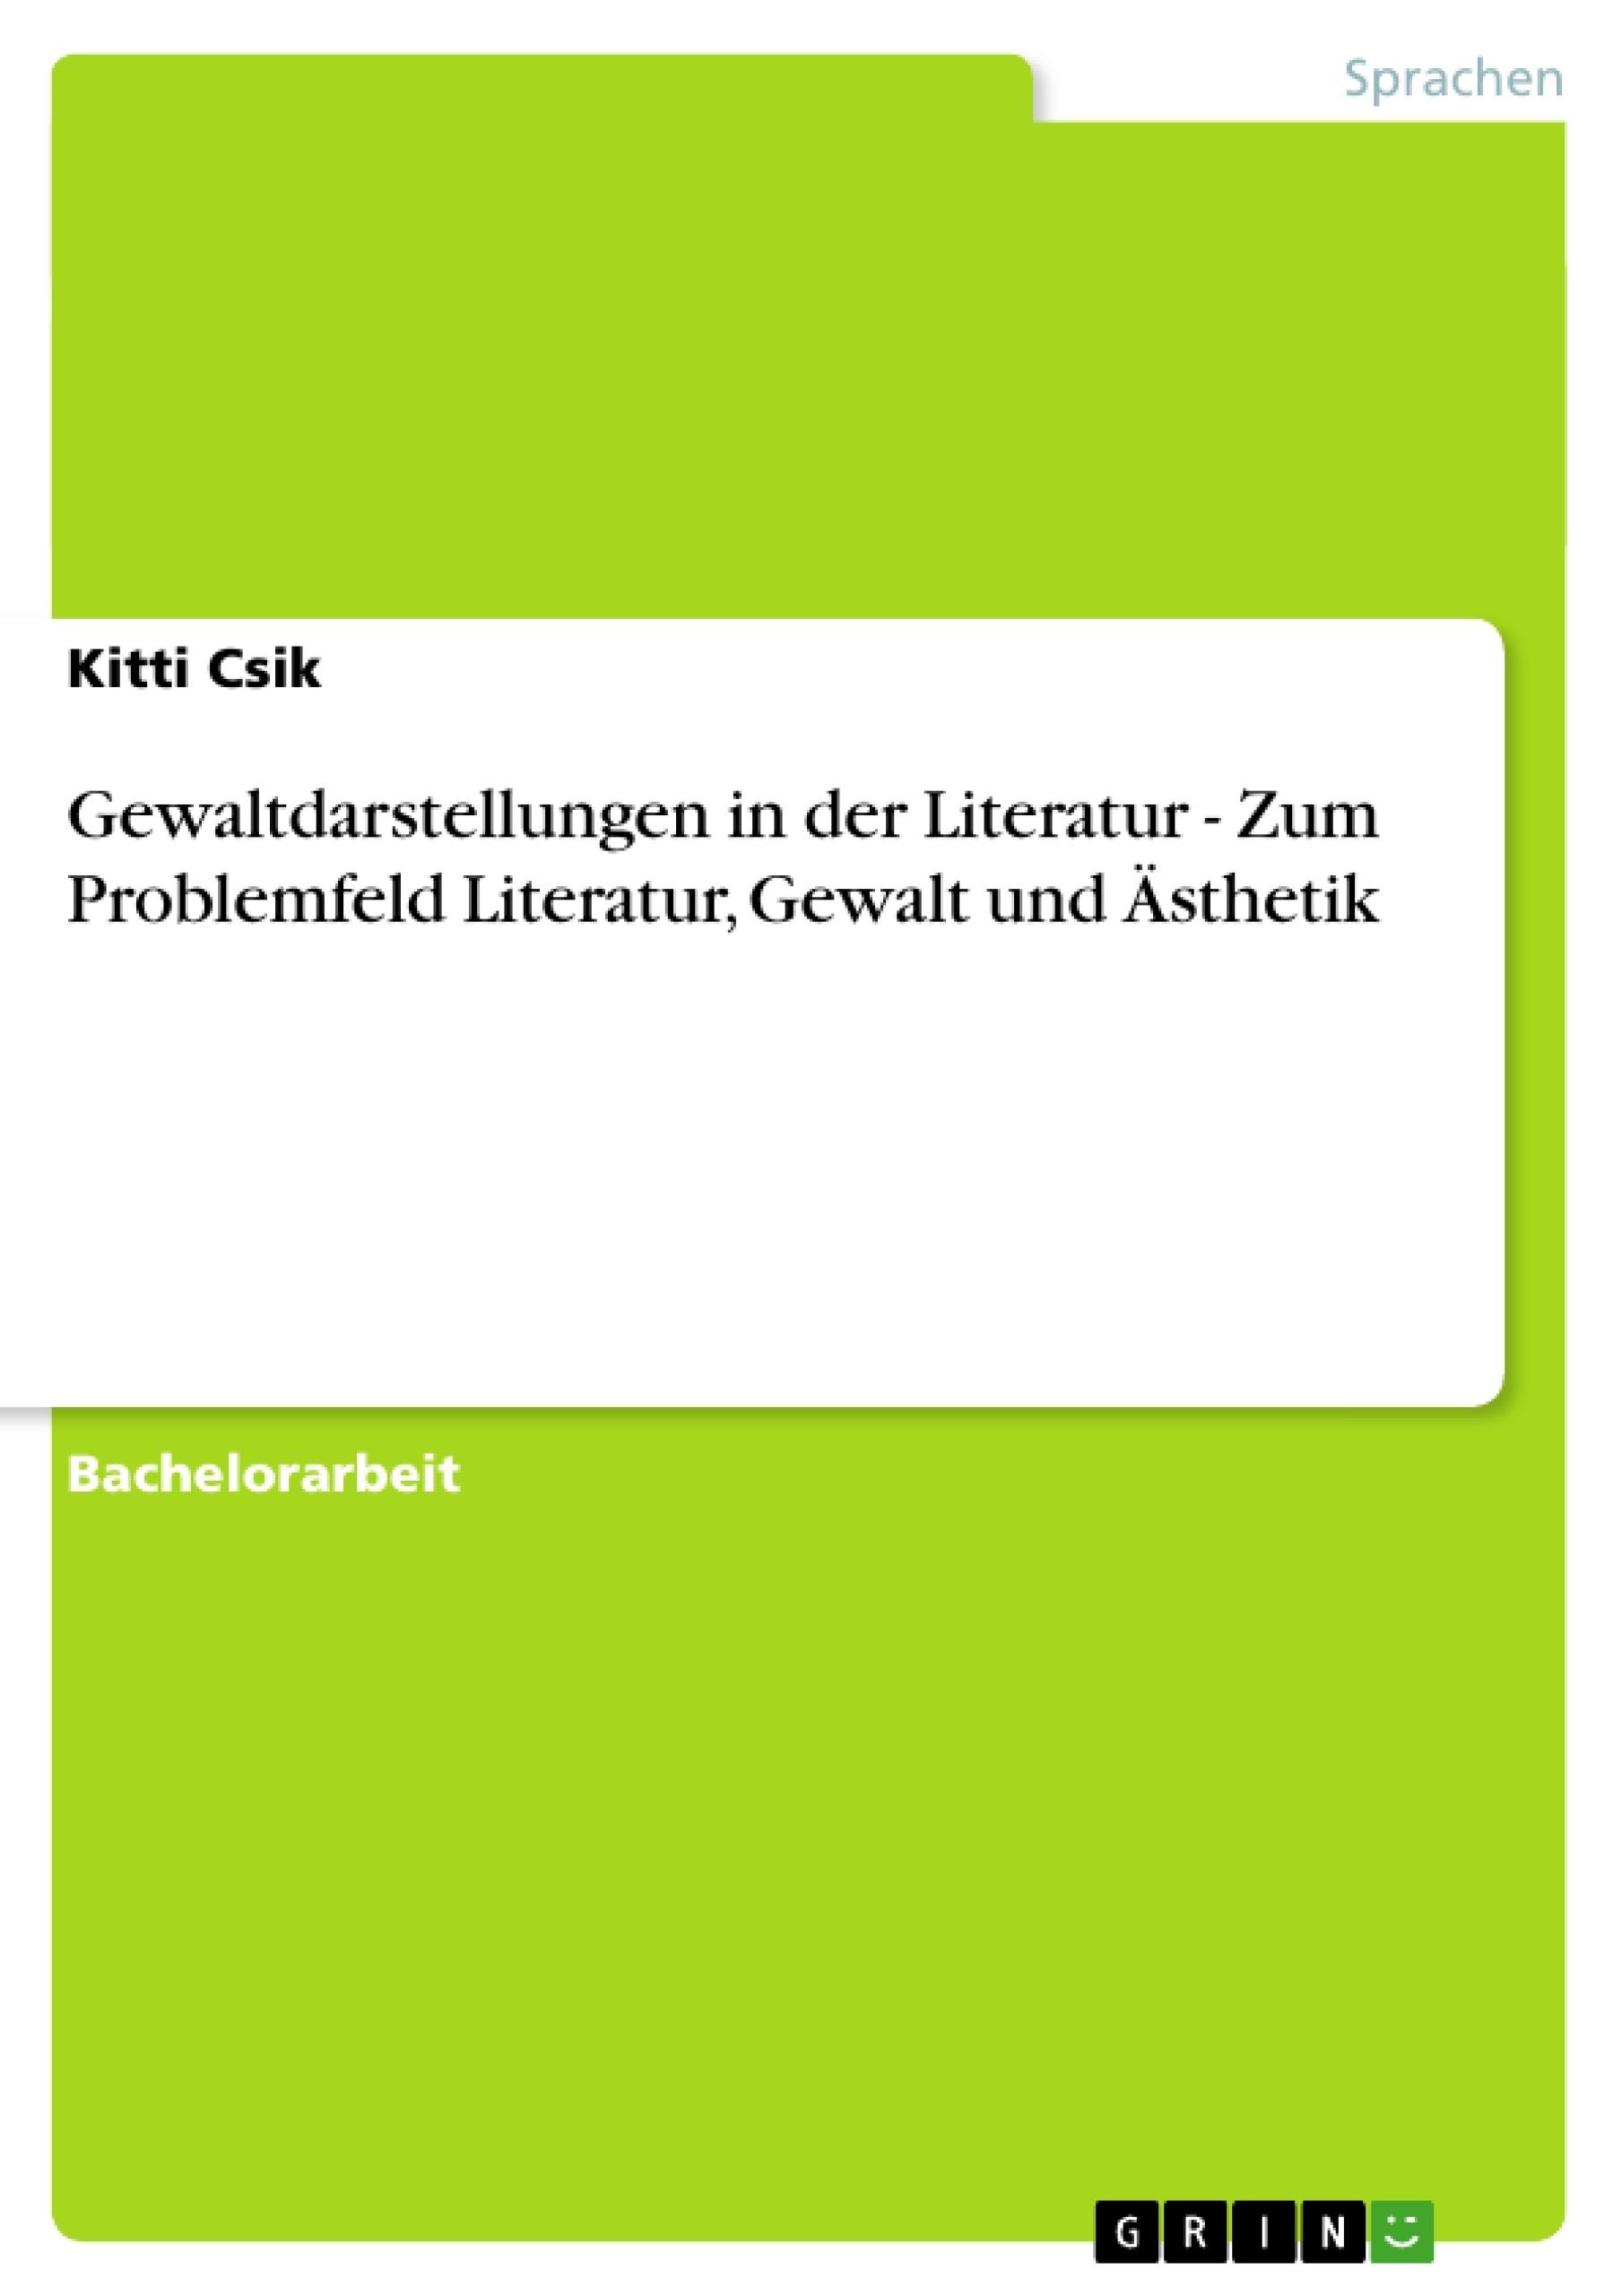 Titel: Gewaltdarstellungen in der Literatur - Zum Problemfeld Literatur, Gewalt und Ästhetik